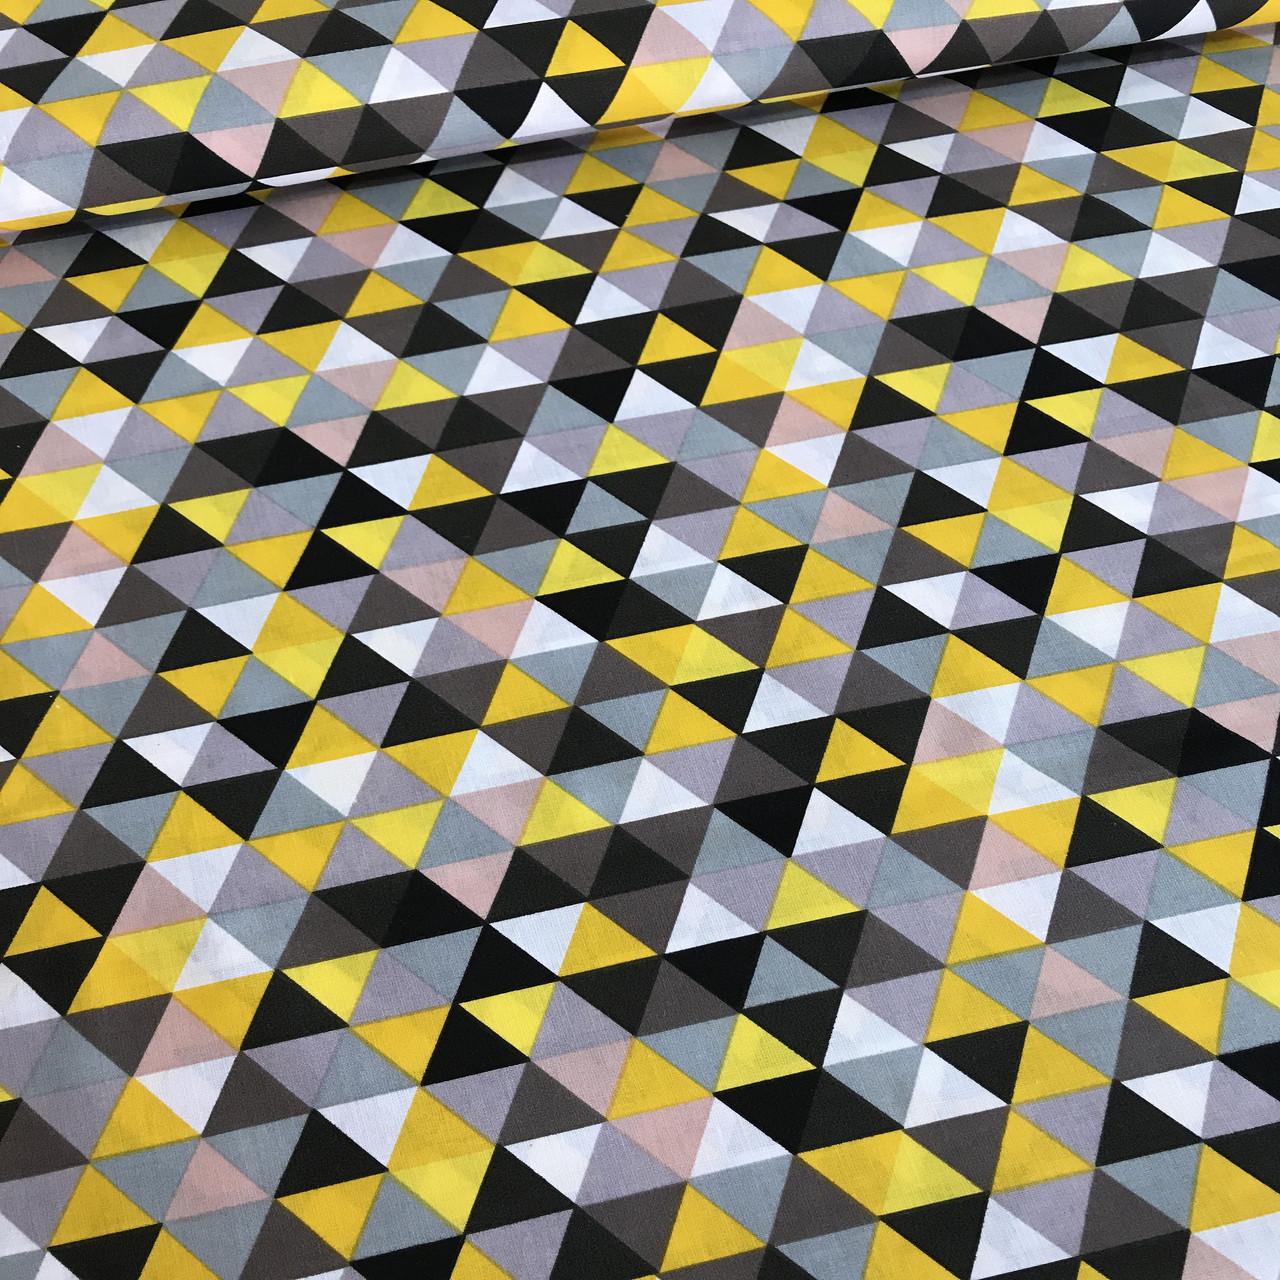 Хлопковая детская бязь польская треугольники мелкие желтые, пудровые, серые, графитовые №59